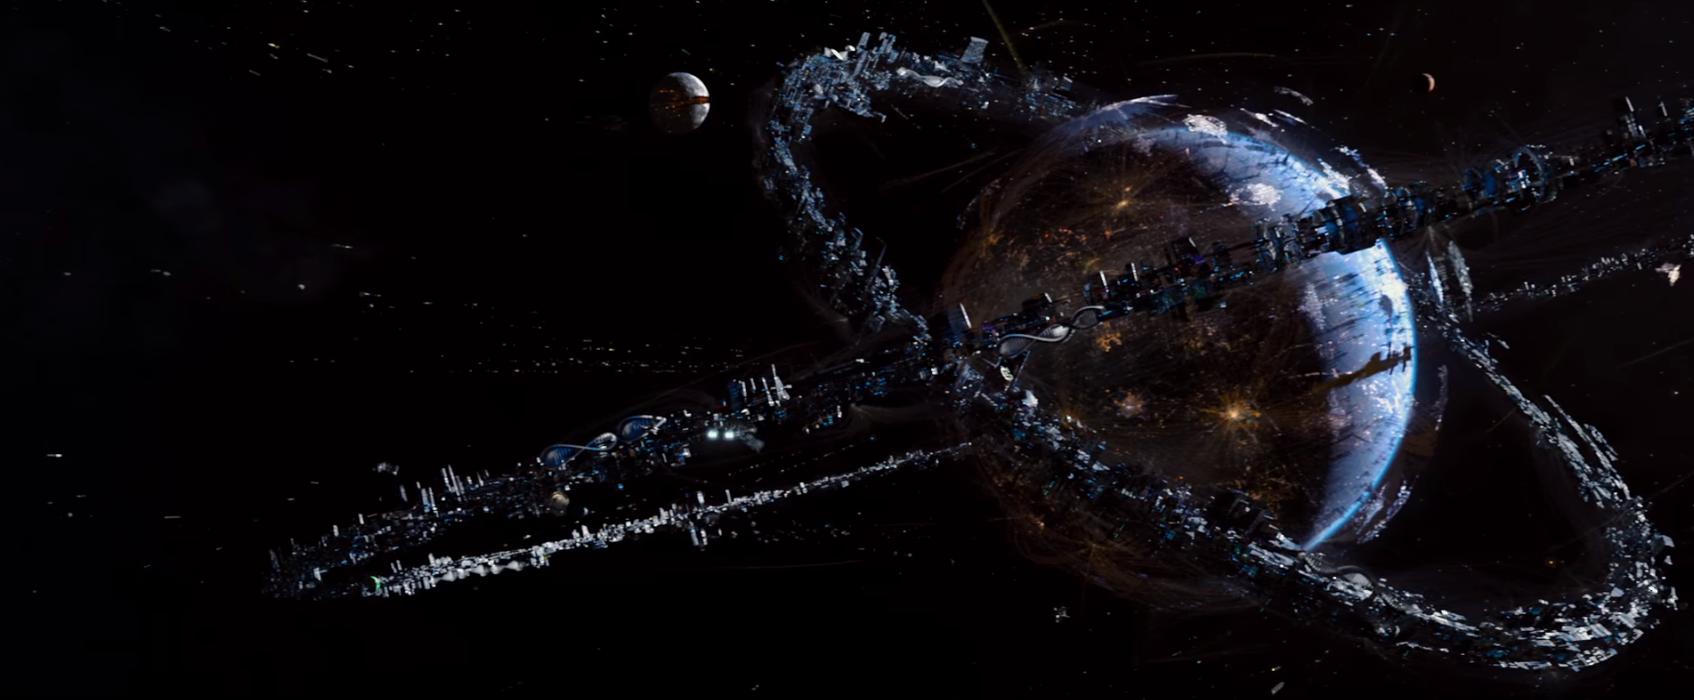 jupiter-ascending-trash-planet 0.png